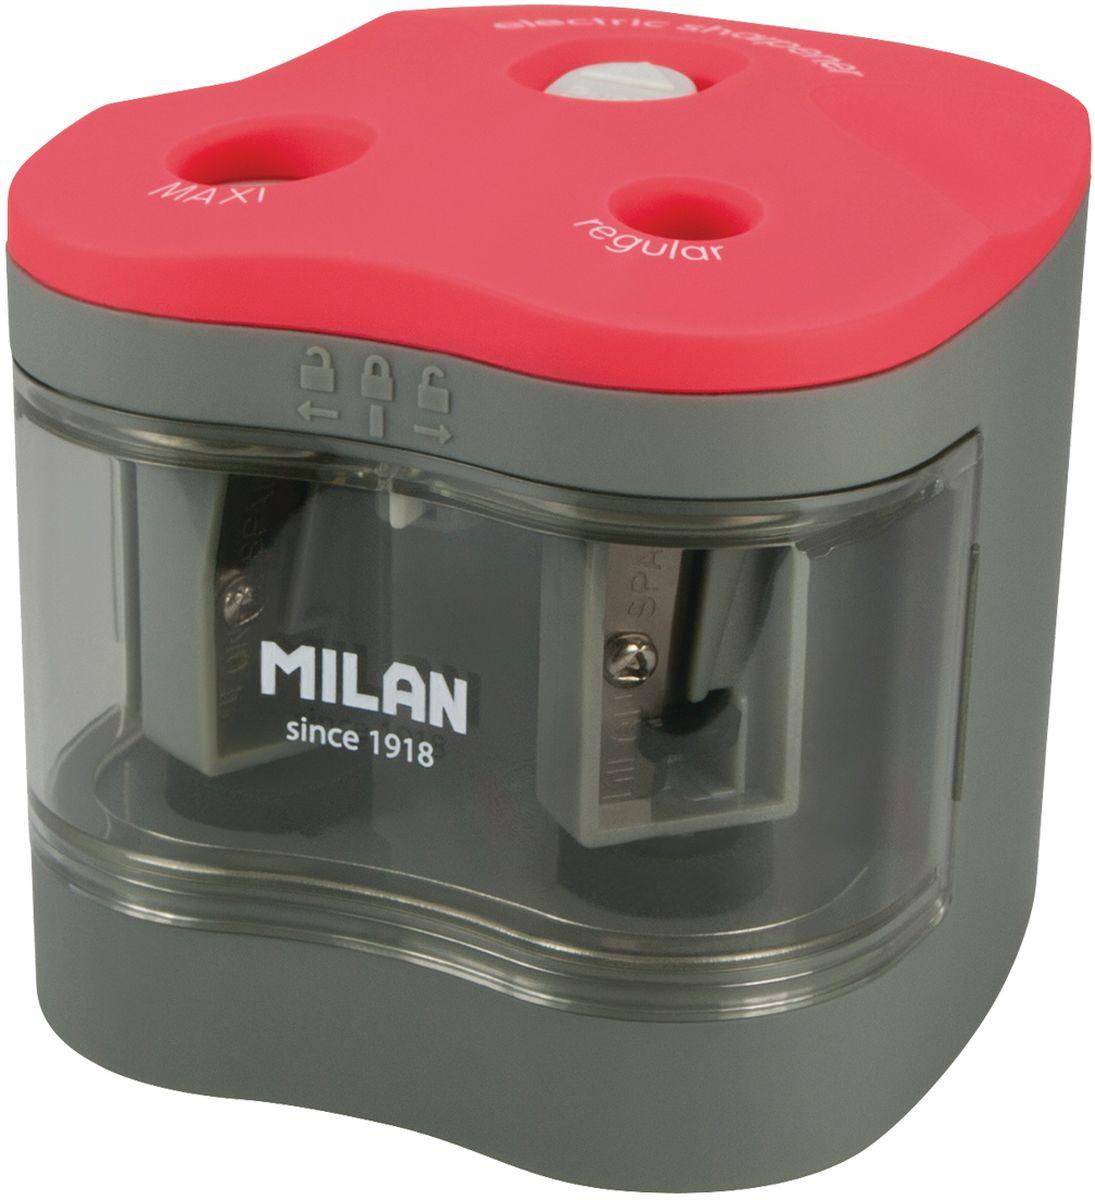 Milan Точилка электрическая Maxi Regular с контейнеромBWM10278Электрическая точилка Milan Maxi Regular с контейнером имеет острые, устойчивые к повреждению лезвия. Точилка идеально подходит для графитовых и цветных карандашей. Съемная передняя крышка для обеспечения утилизации стружки. В блистерной упаковке точилка и 4 батарейки 1,5V.